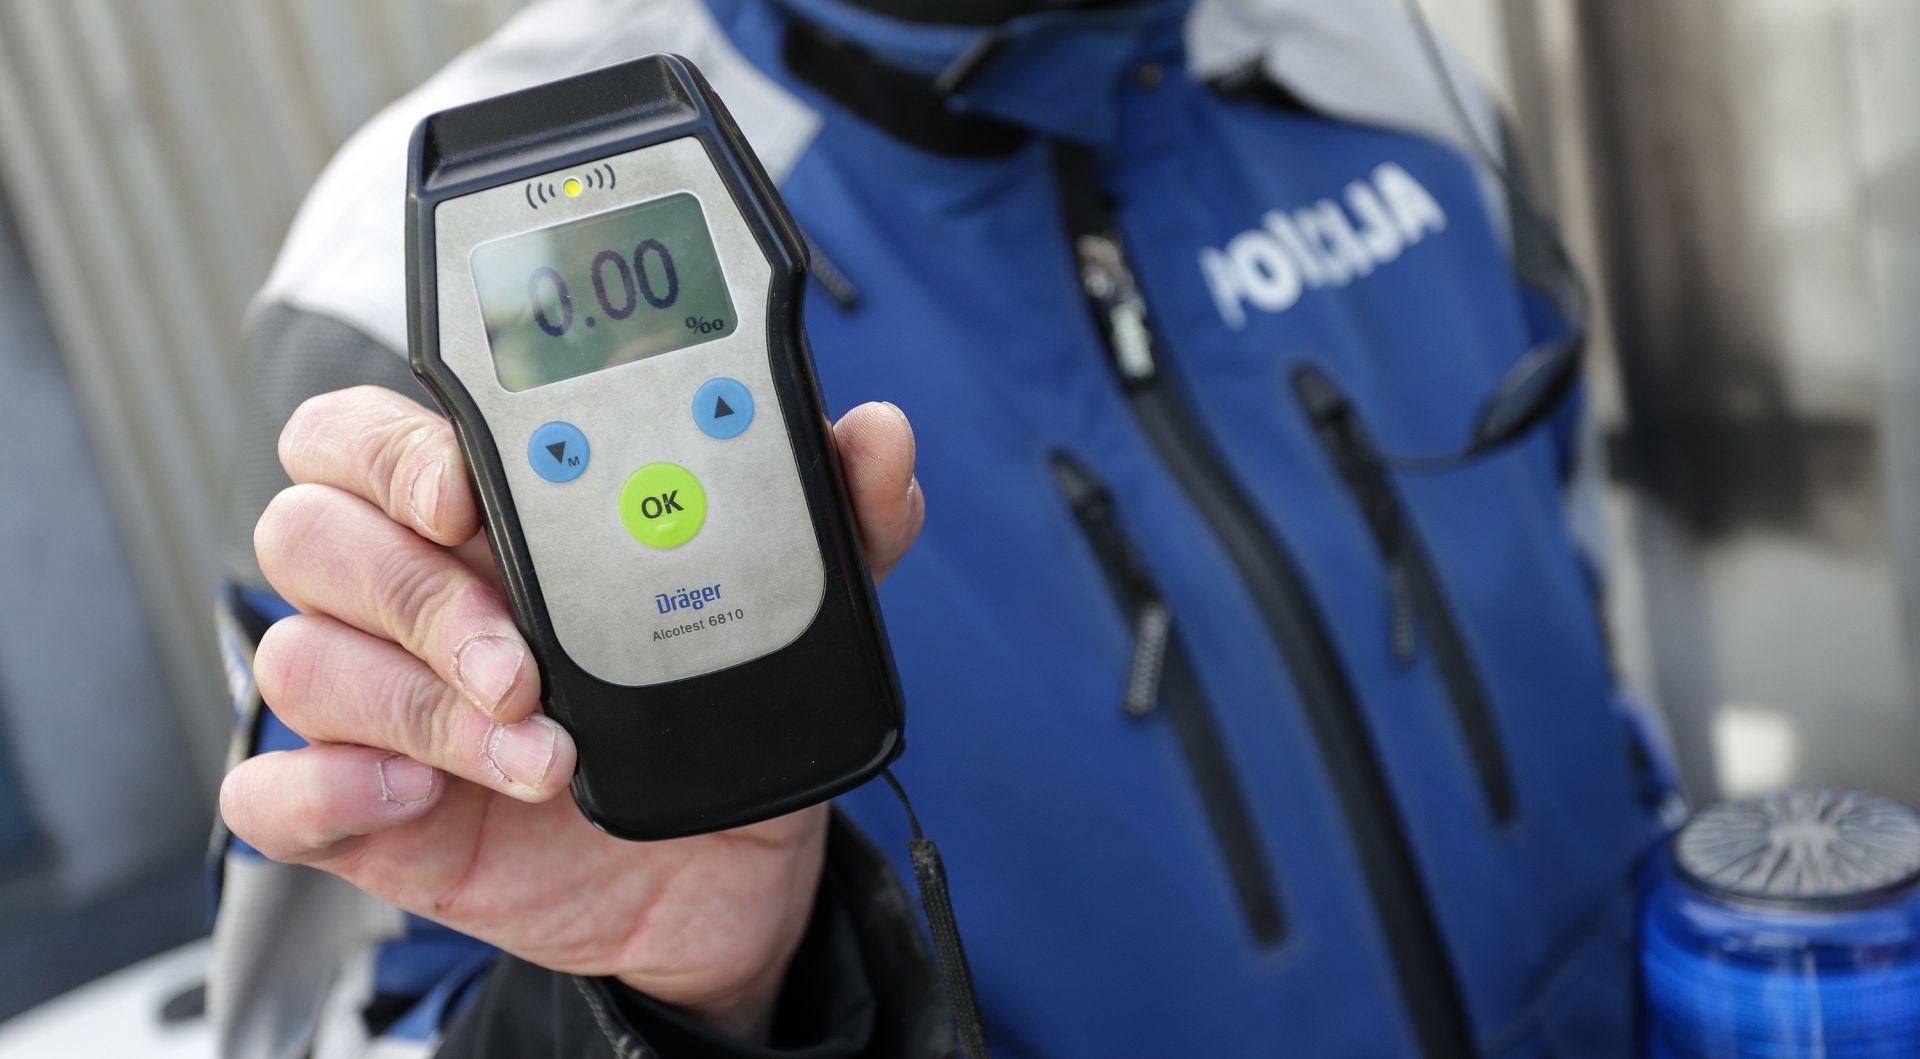 Policija tijekom vikenda u Zagrebu provodi pojačan nadzor prometa